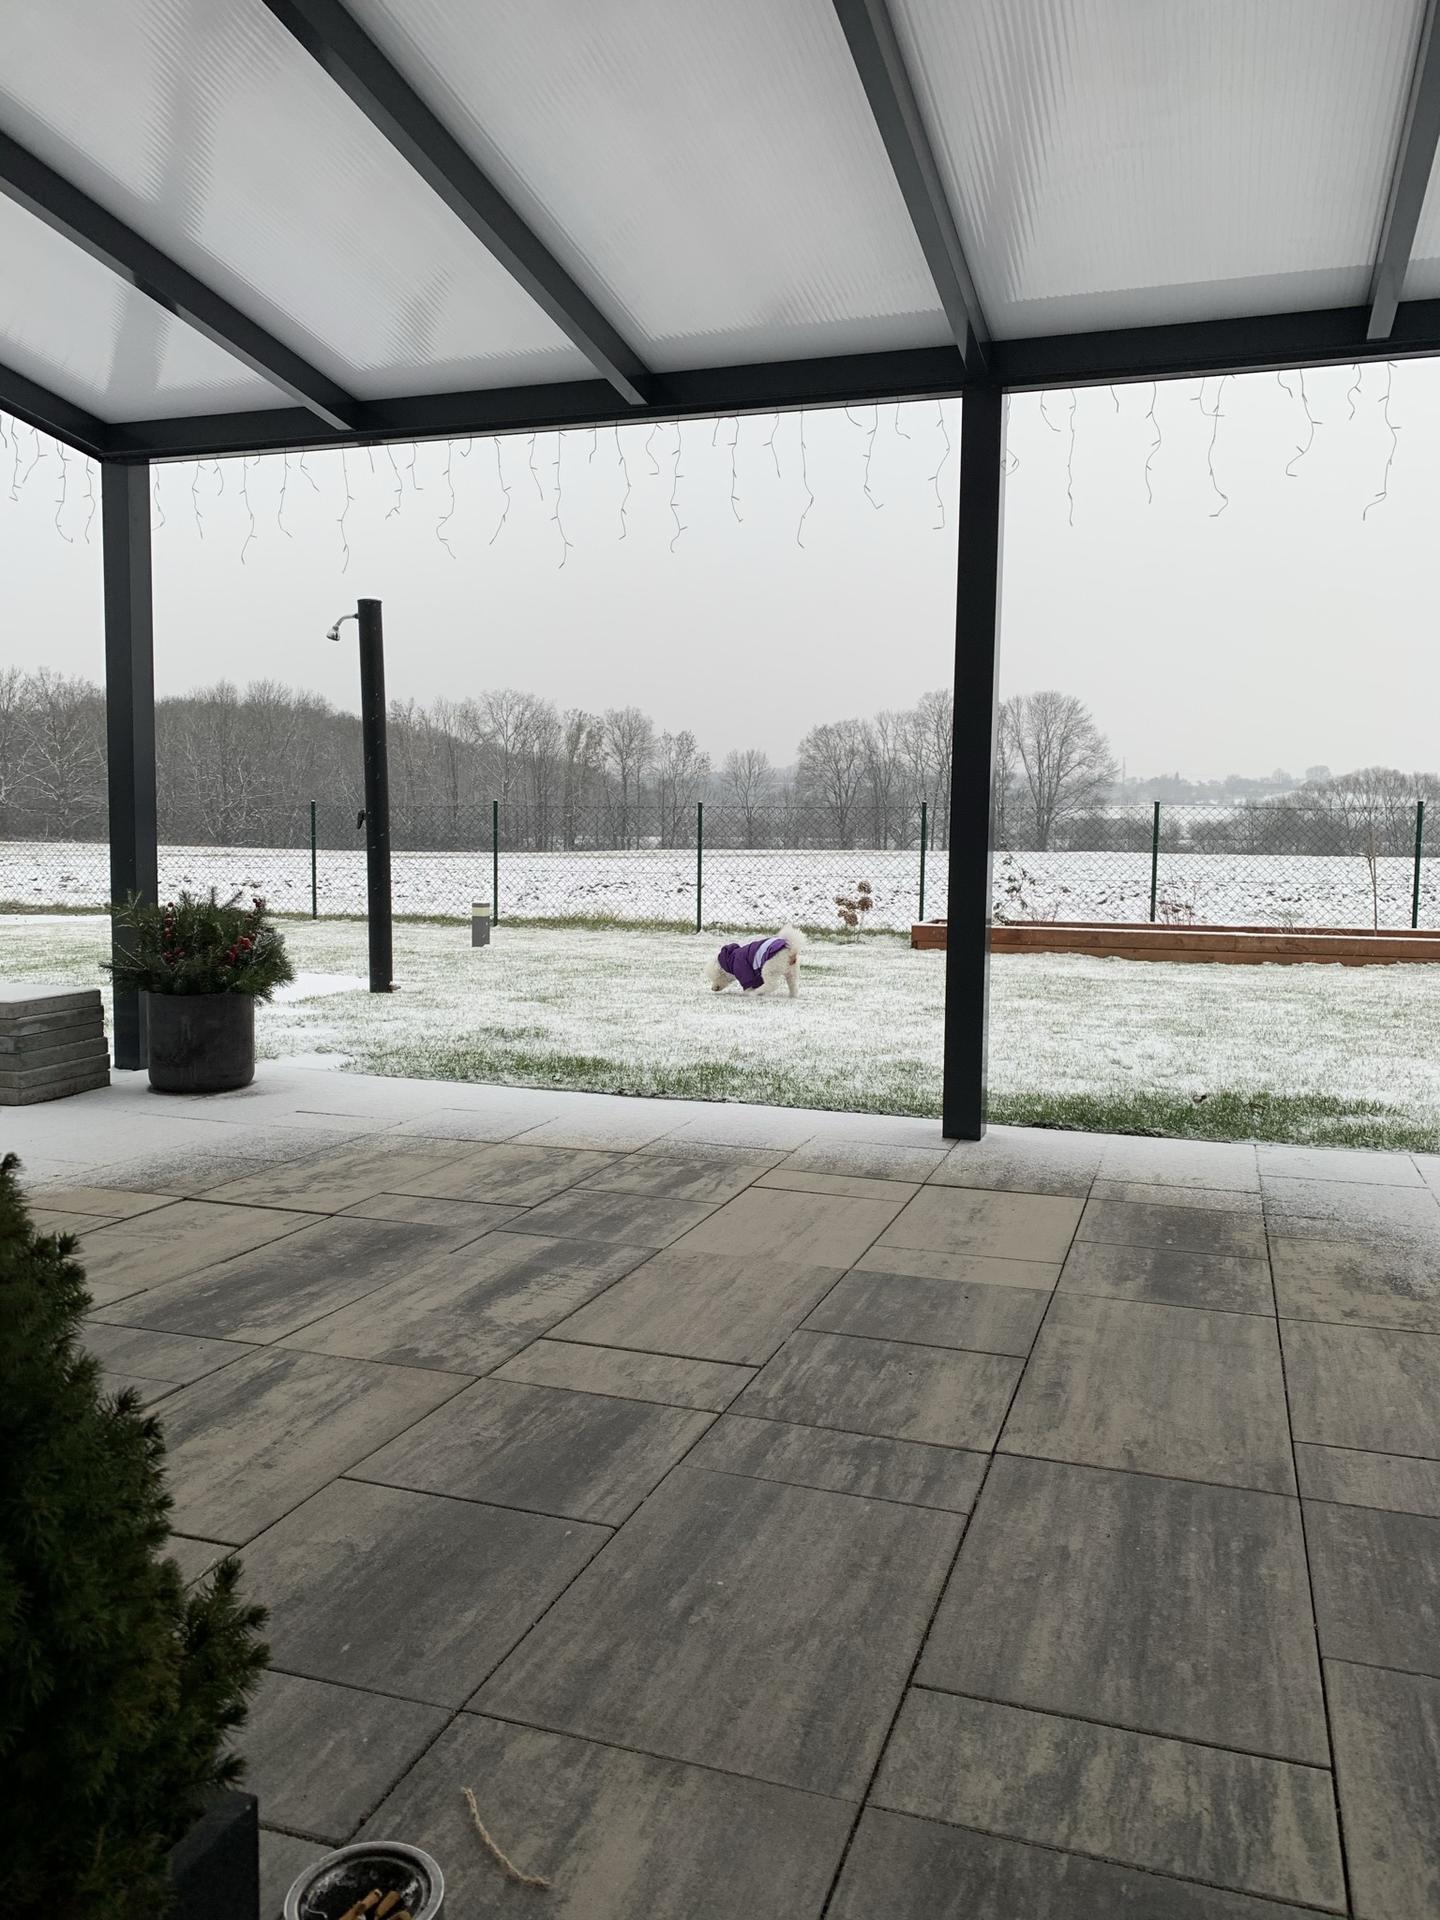 Ať je sníh i na vánoce :-) - Obrázek č. 3